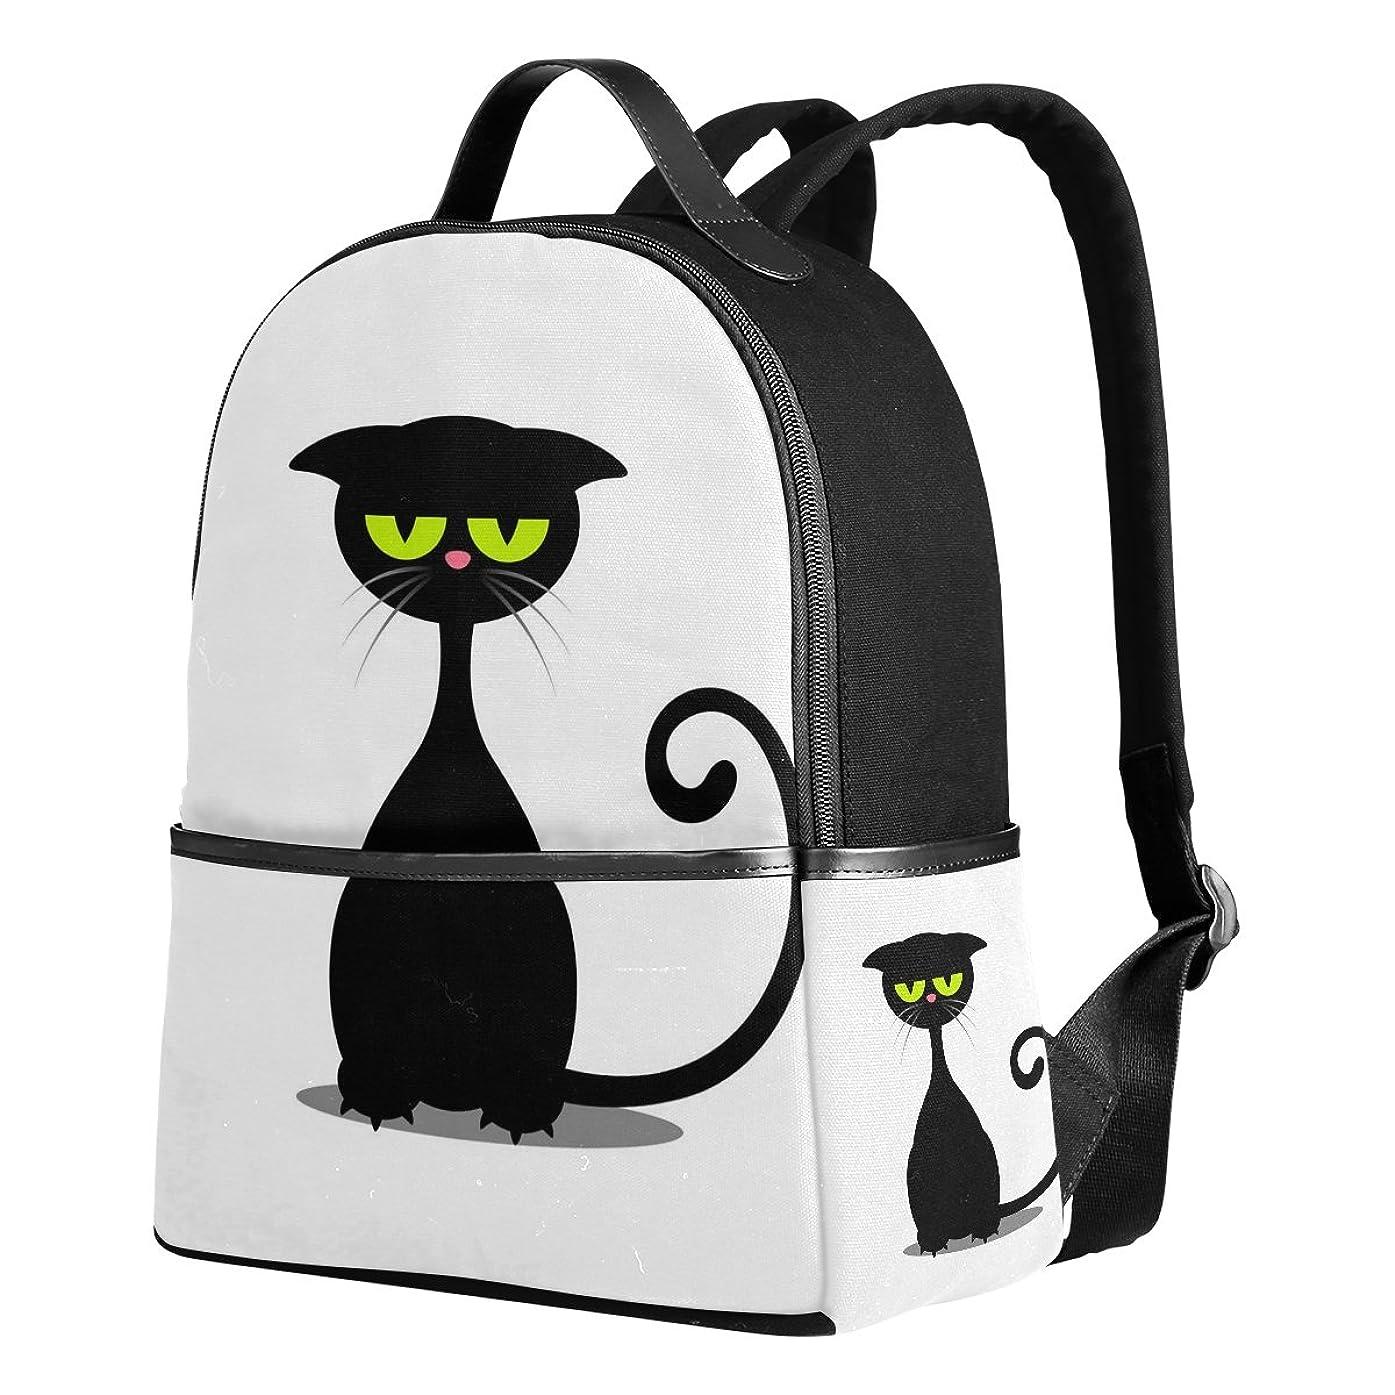 虐待船上振る舞うUSAKI(ユサキ)かわいい 猫 キャット ネコ 猫柄 黒猫 ブラックキャッ 白黒 モノクローム,通学 通勤 旅行 遠足 カジュアル リュックサック キャンバス バック レディース 中学生 高校生 大学生 大容量 アウトドア バッグパック デイパック